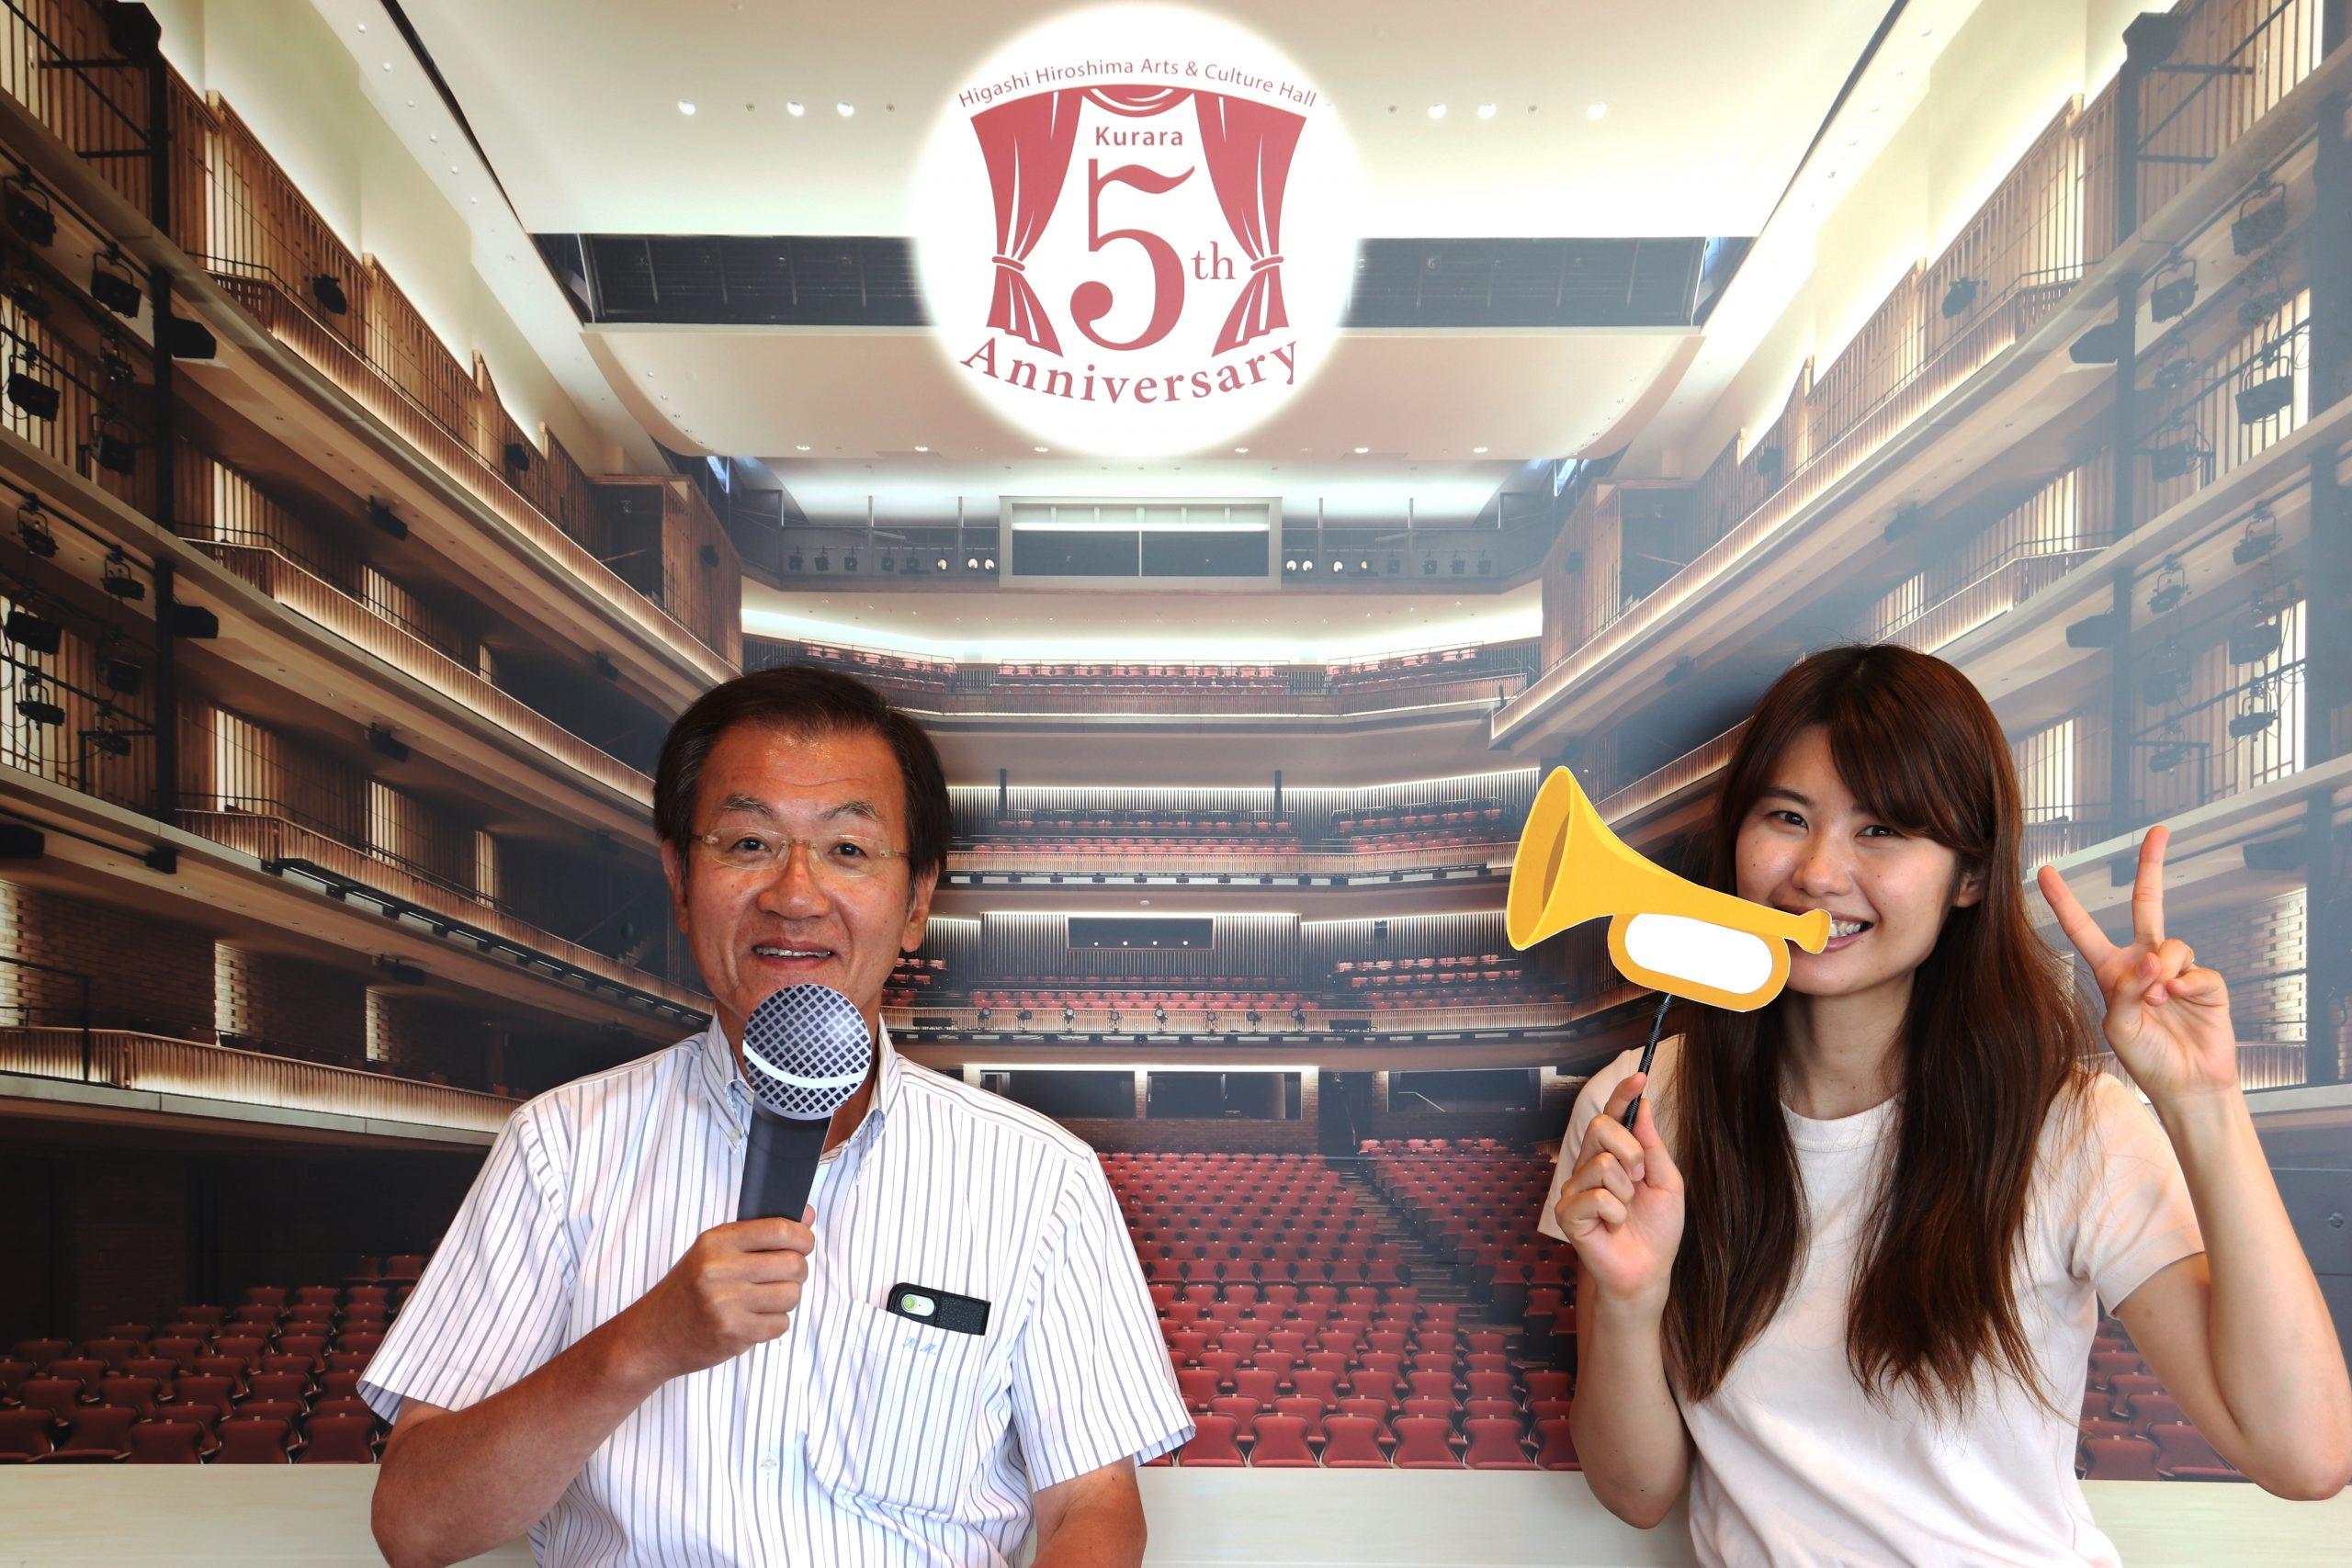 【くらら開館5周年記念イベント】 第1弾「演者さんになりきって写真を撮ろう♪」開催について